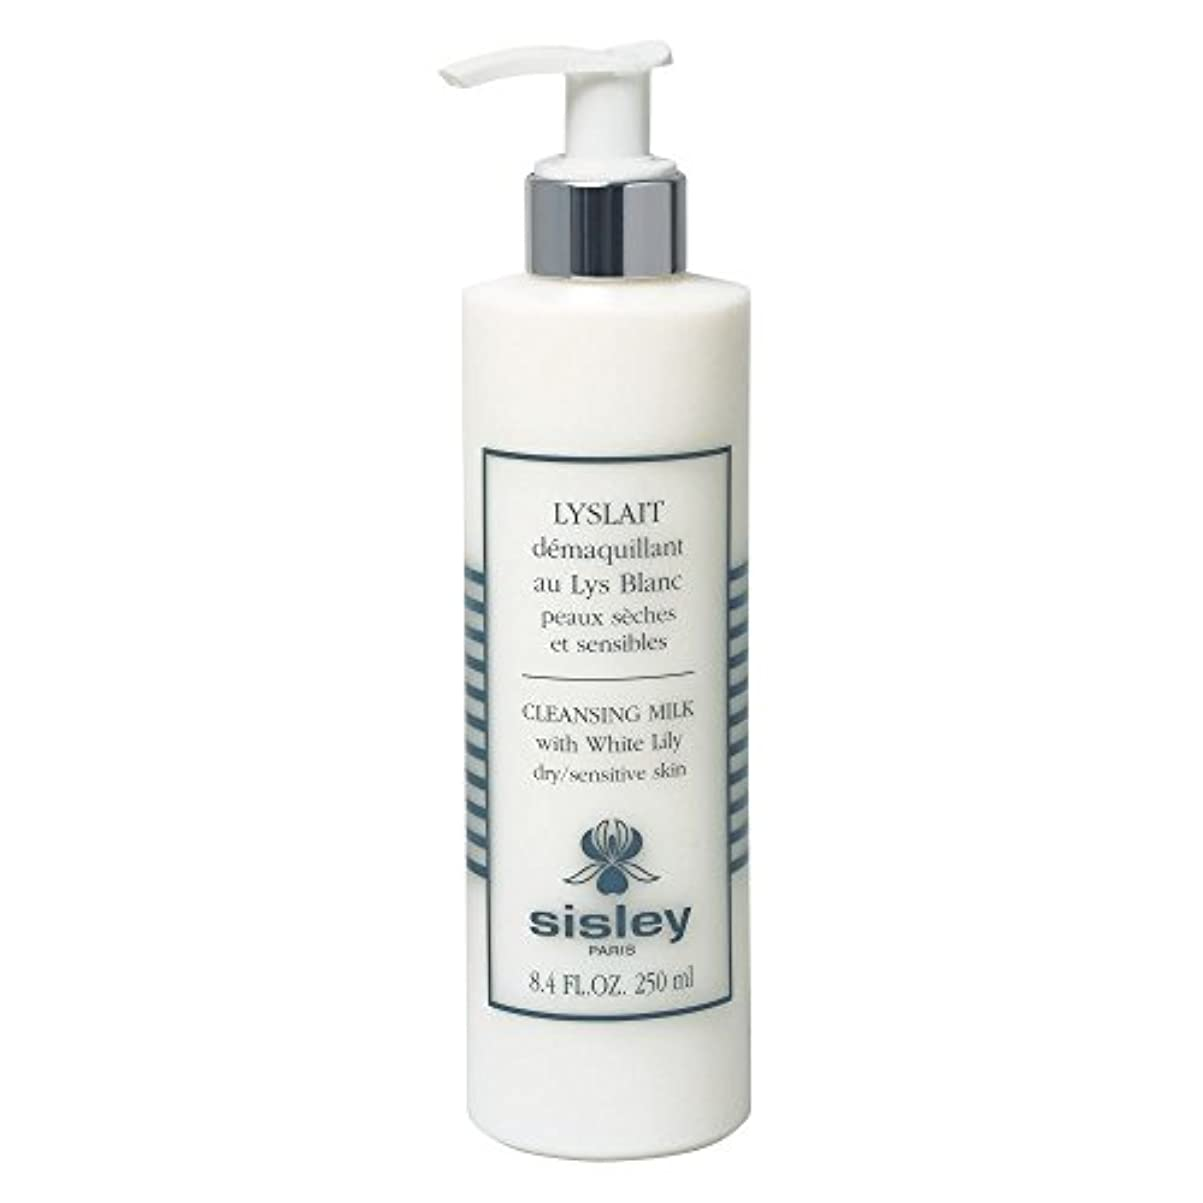 病実際の影響力のある[Sisley] シスレーは、メイクアップLyslait白ユリ、250ミリリットルでミルクを取り除きます - Sisley Lyslait Make-Up Removing Milk With White Lily, 250ml...